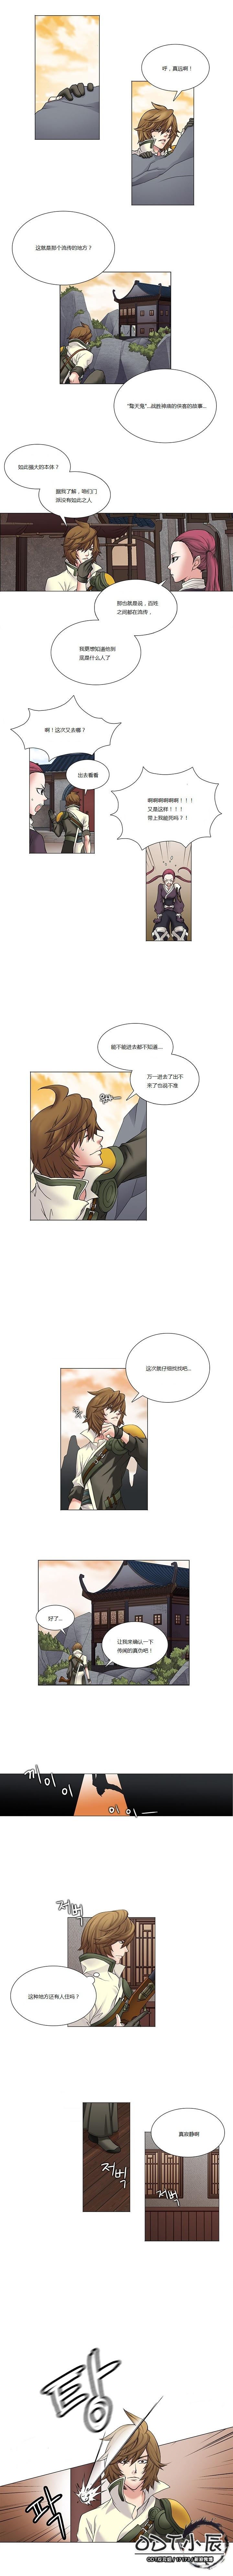 官方漫画《骛天鬼》第2话(2).jpg